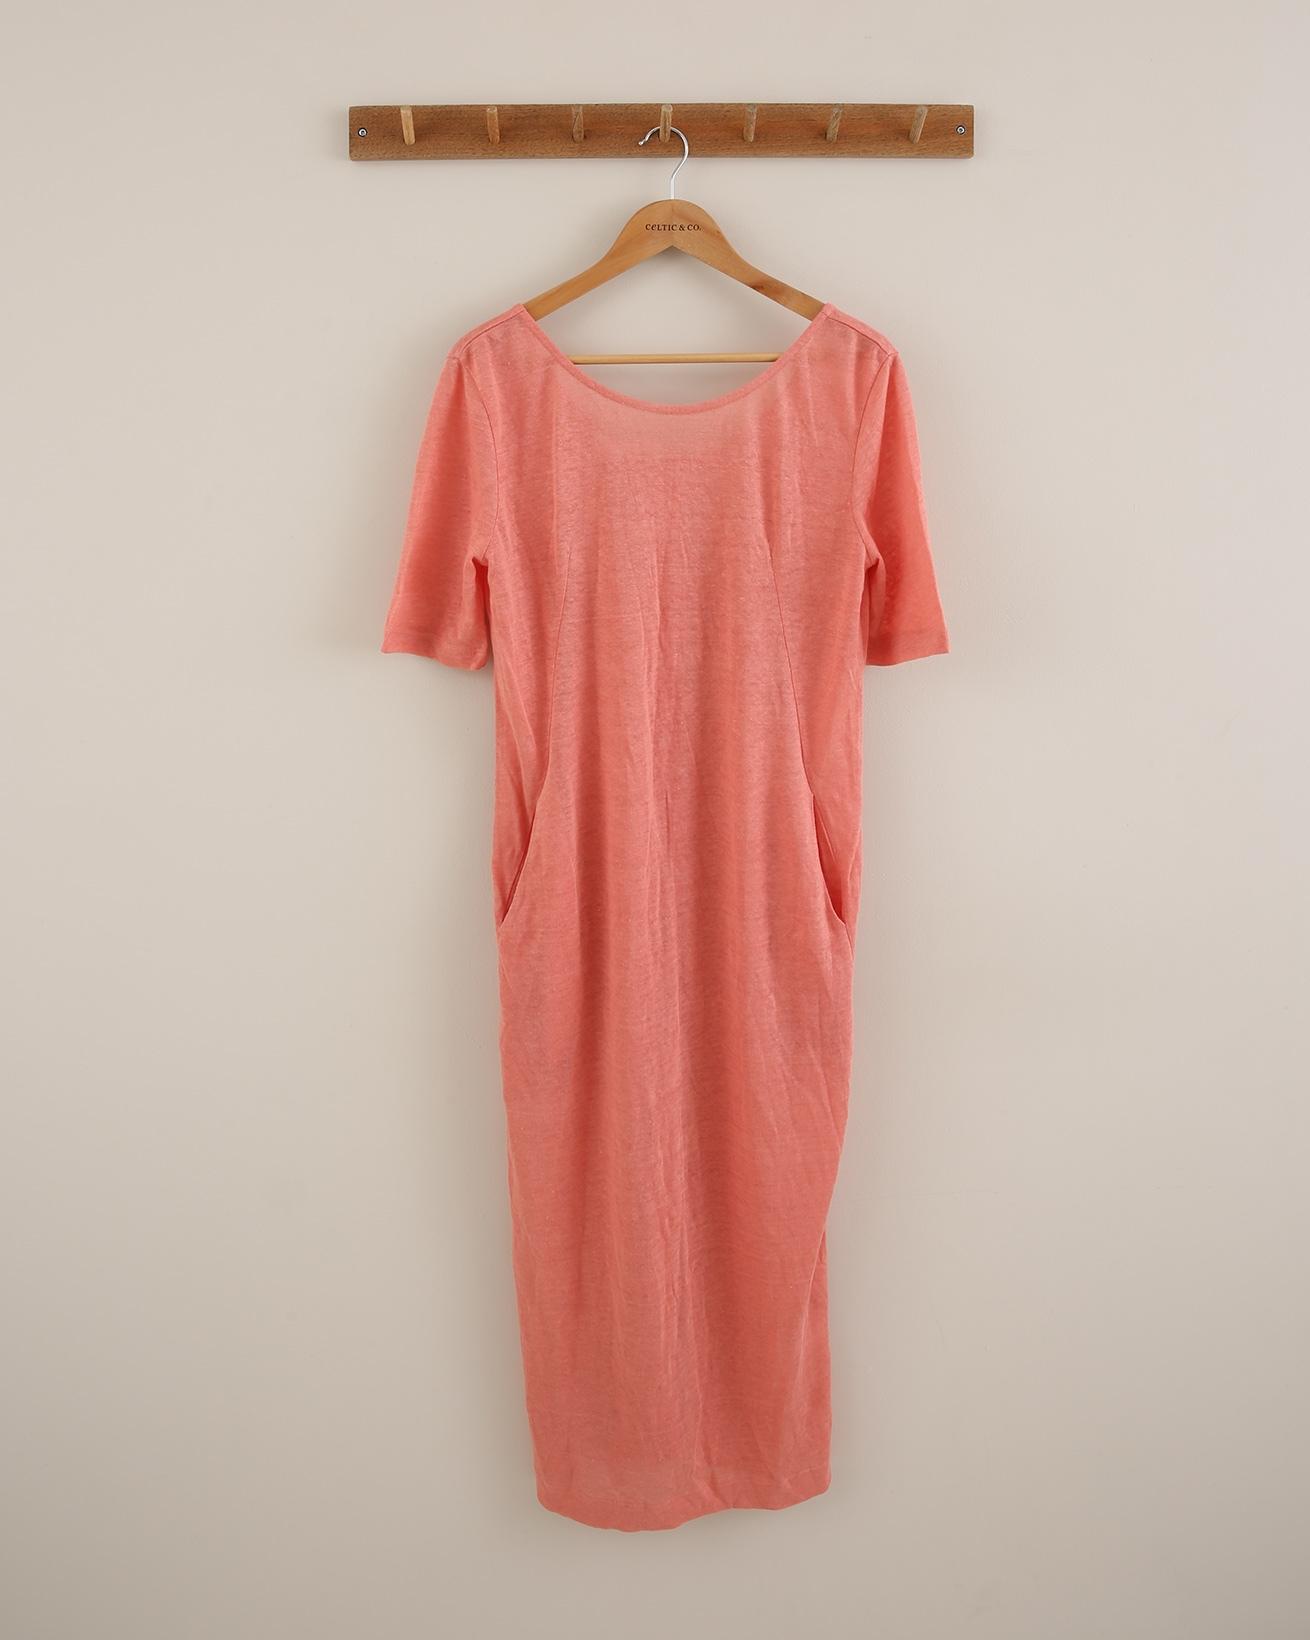 Linen Button Back Dress - Size 14 - Coral - 1817